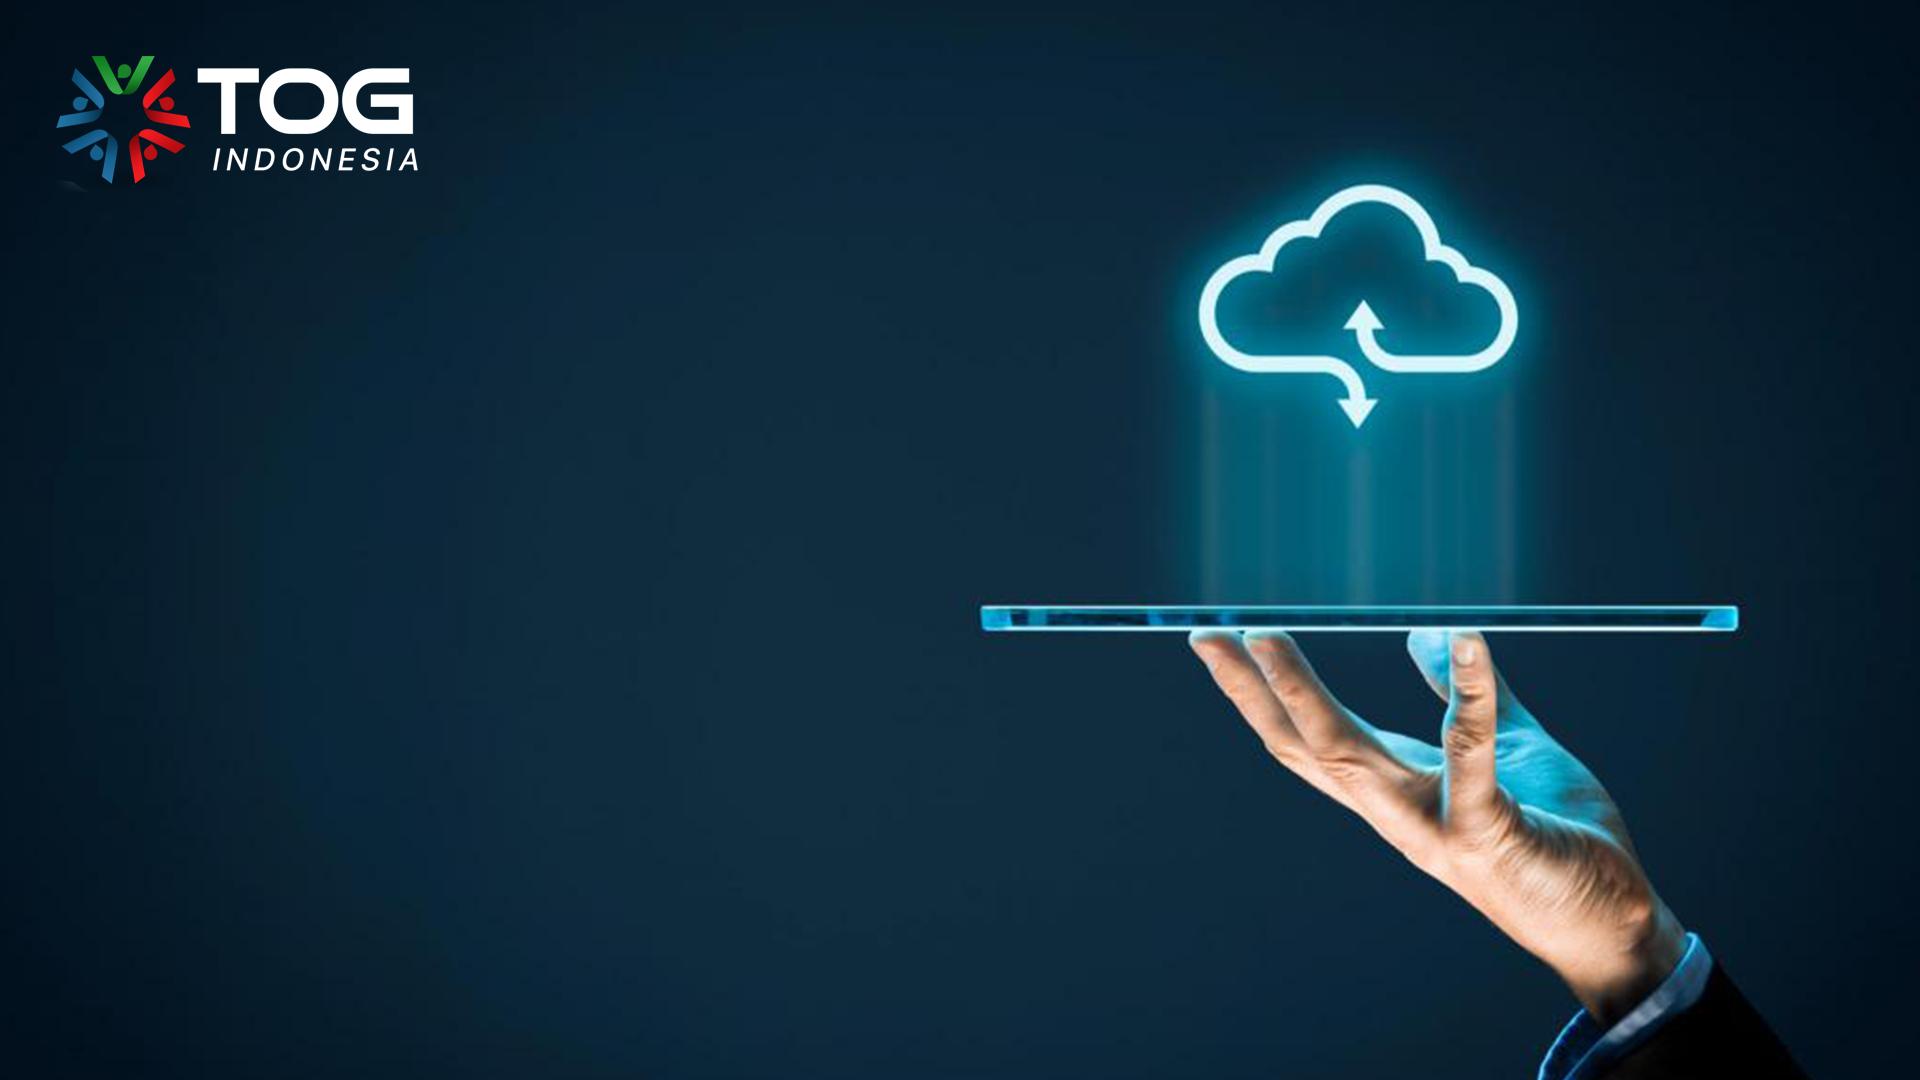 Sertifikasi Cloud Engineer yang Wajib Dimiliki